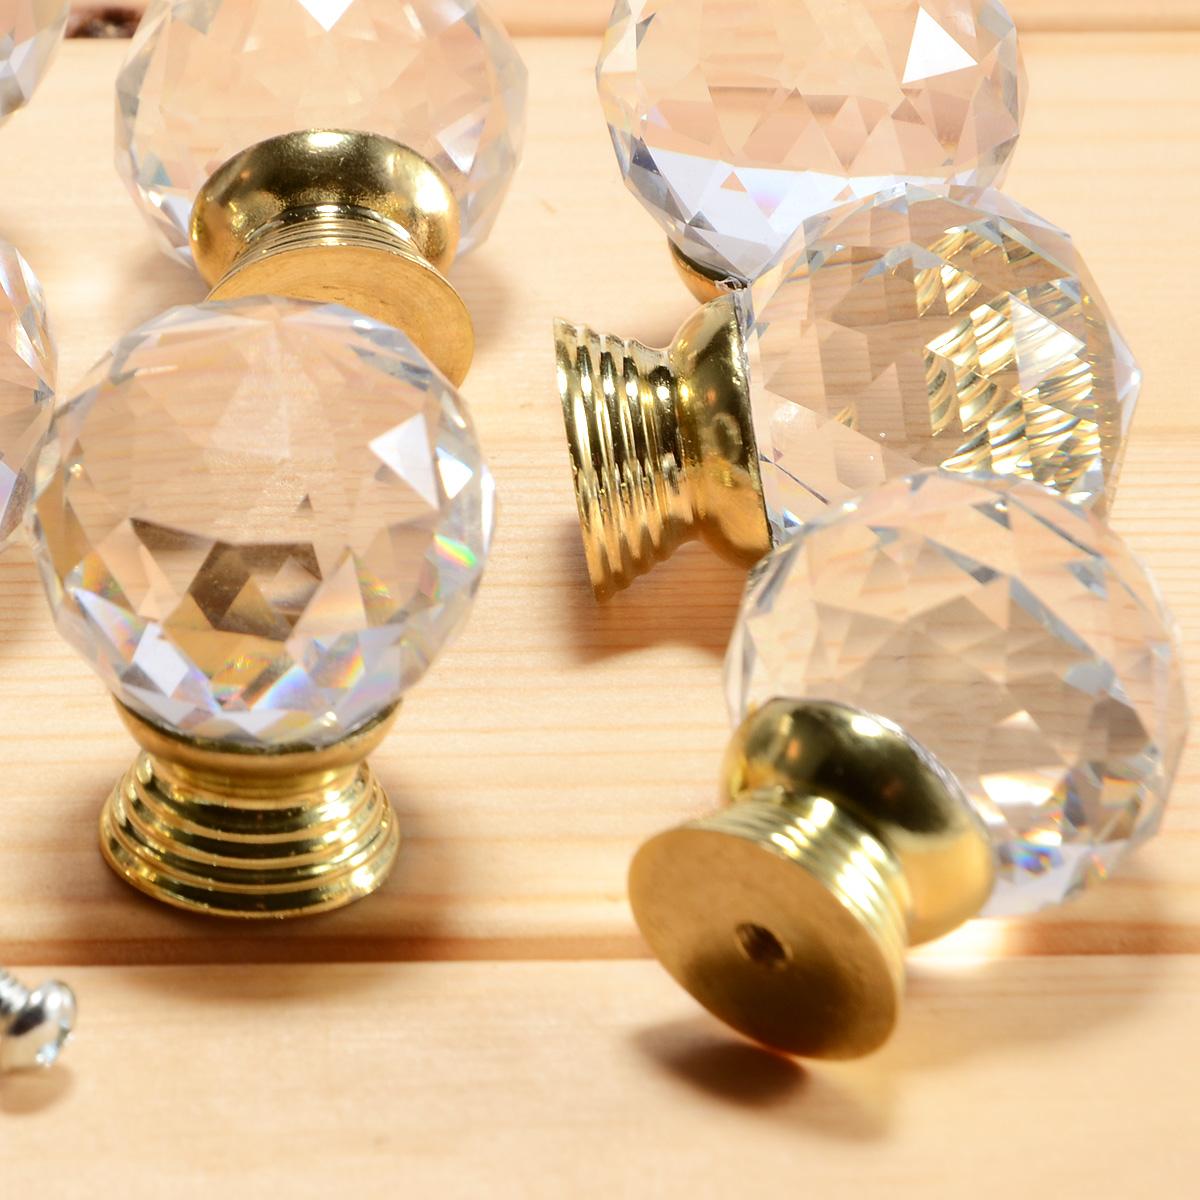 8 pomos tiradores para cajones puertas armarios del cristal transparente ebay - Tiradores para cajones ...